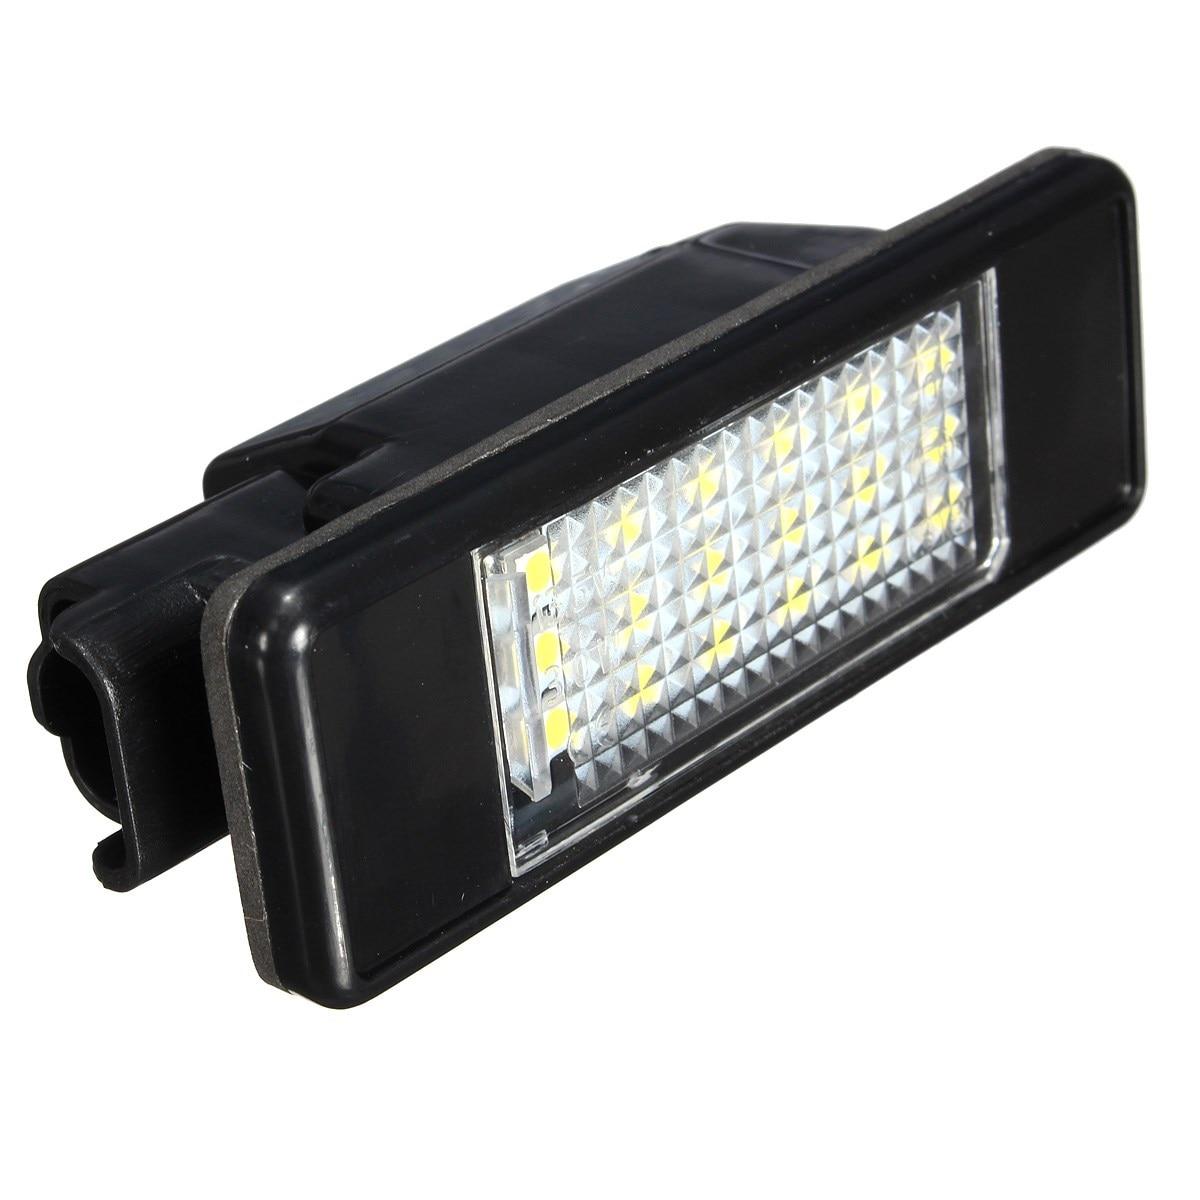 Us 814 14 Off2 X Led Smd światło Tablicy Rejestracyjnej Dla Peugeot 106 207 307 308 406 407 508 Biały W Zest Mont świateł Samochodowych Od